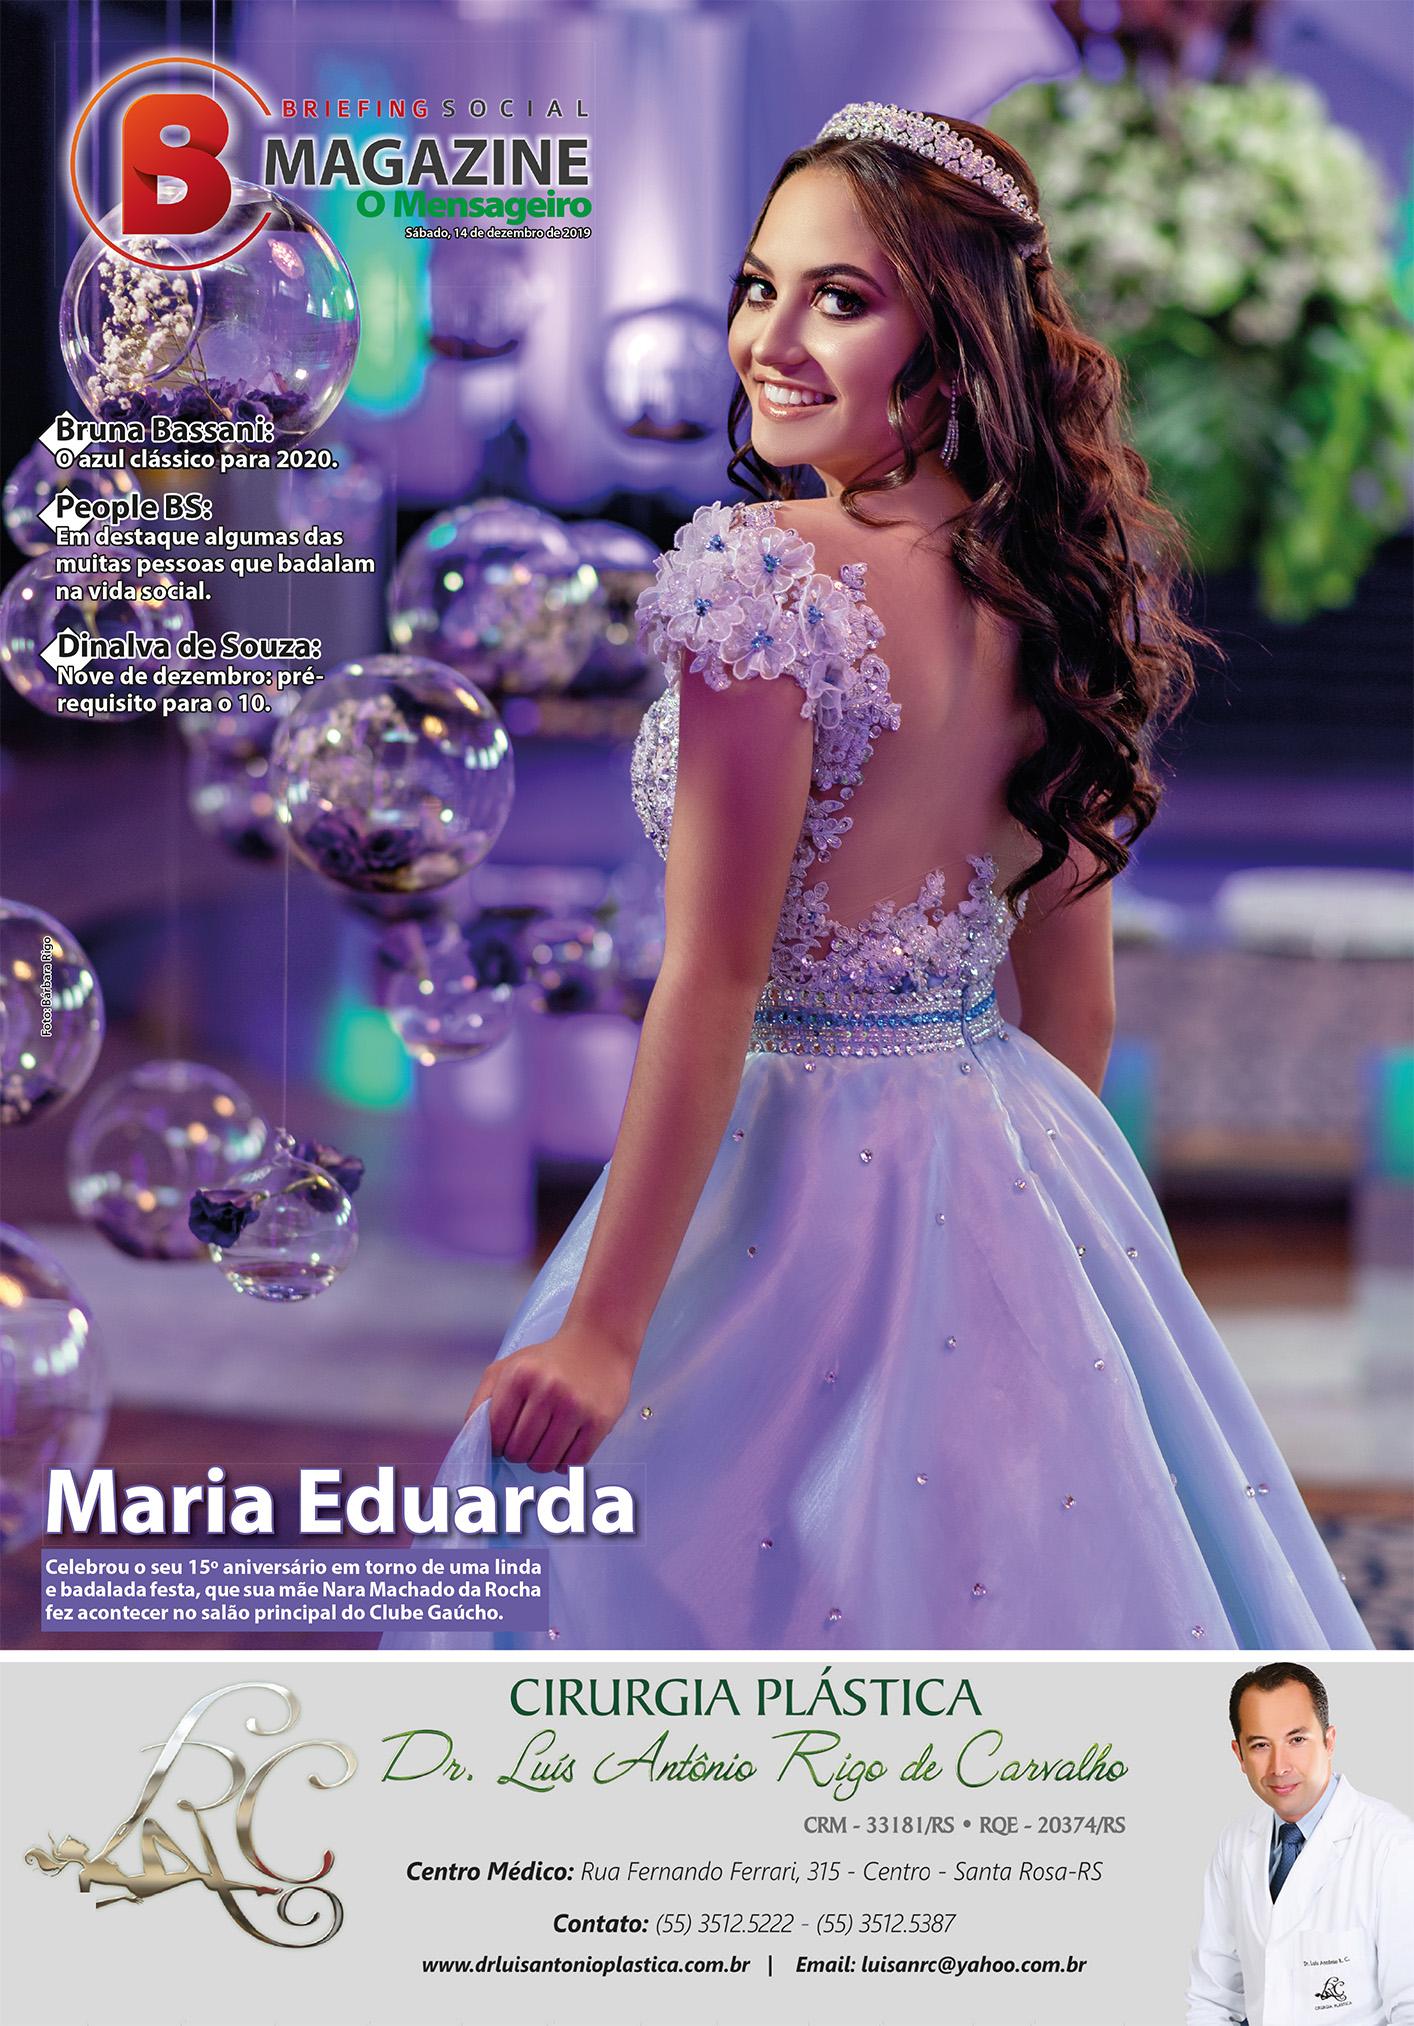 14122019 - BS Magazine.indd